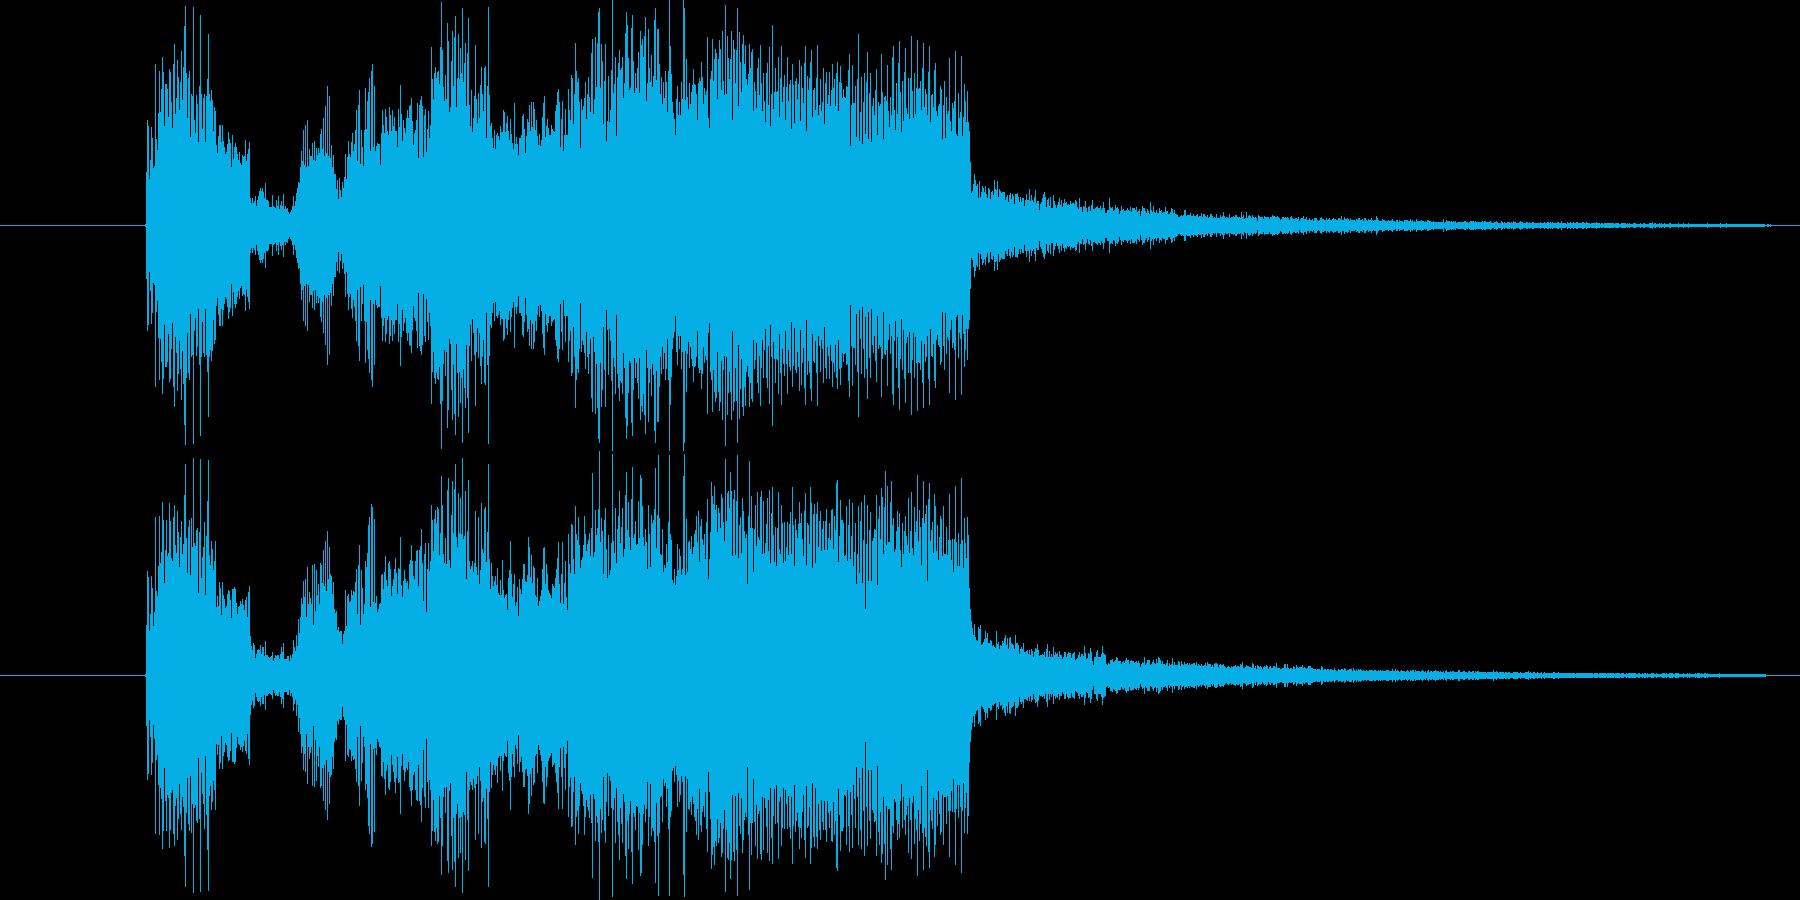 ギター(ディストーション)音の、ゲーム…の再生済みの波形